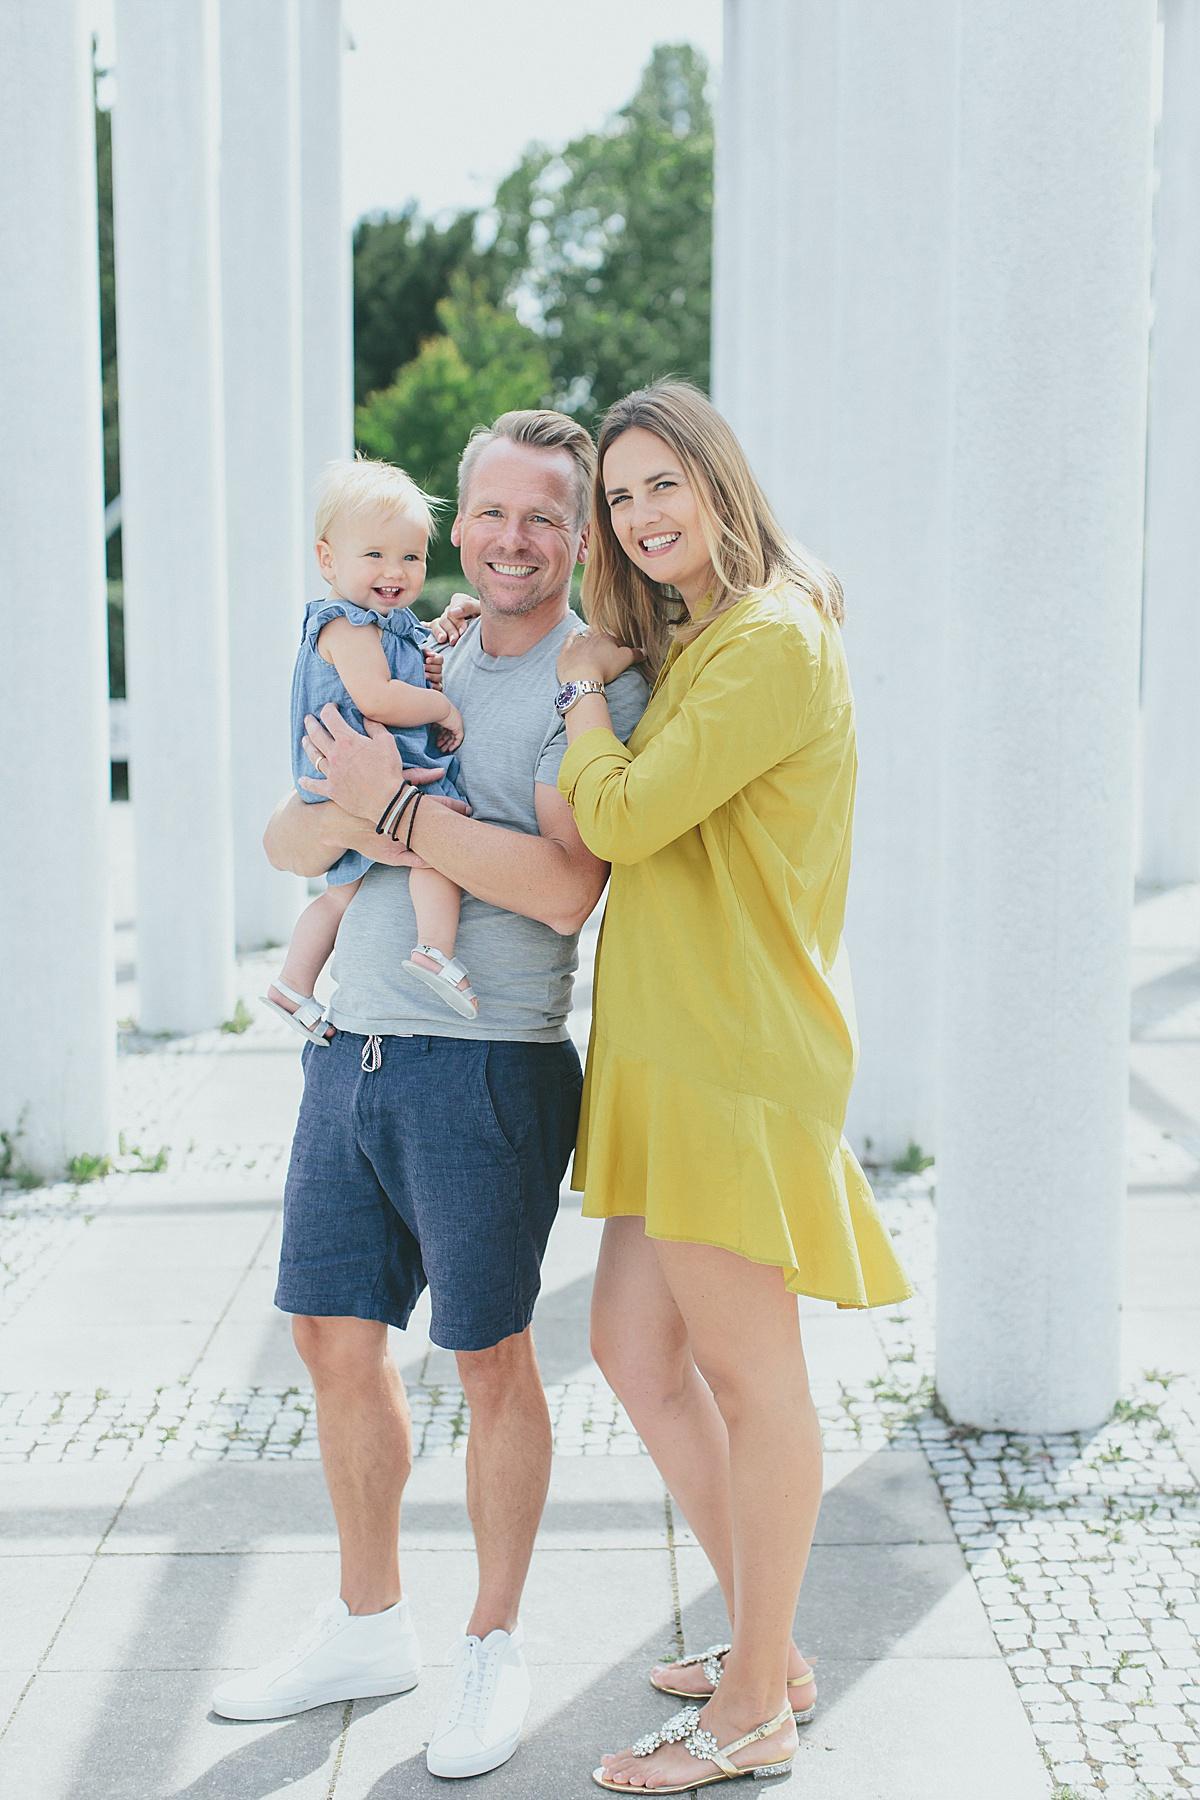 Familienfotograf_Karoline_Kirchhof_Stuuttgart.jpg